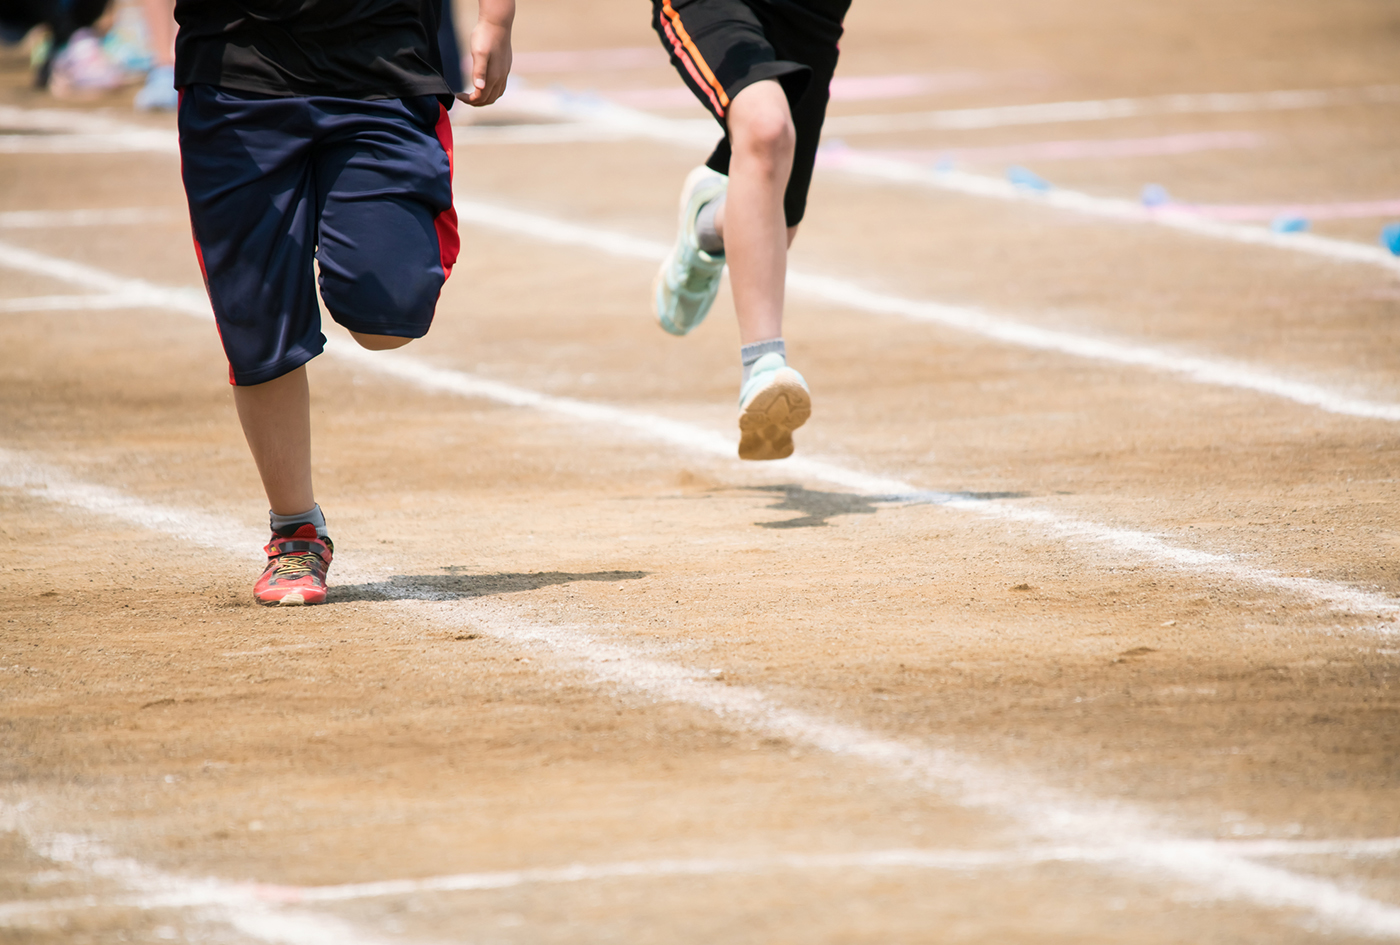 ベアリス30km・チャレンジ5km・親子小学生 in 熊谷・立正大 | 埼玉県